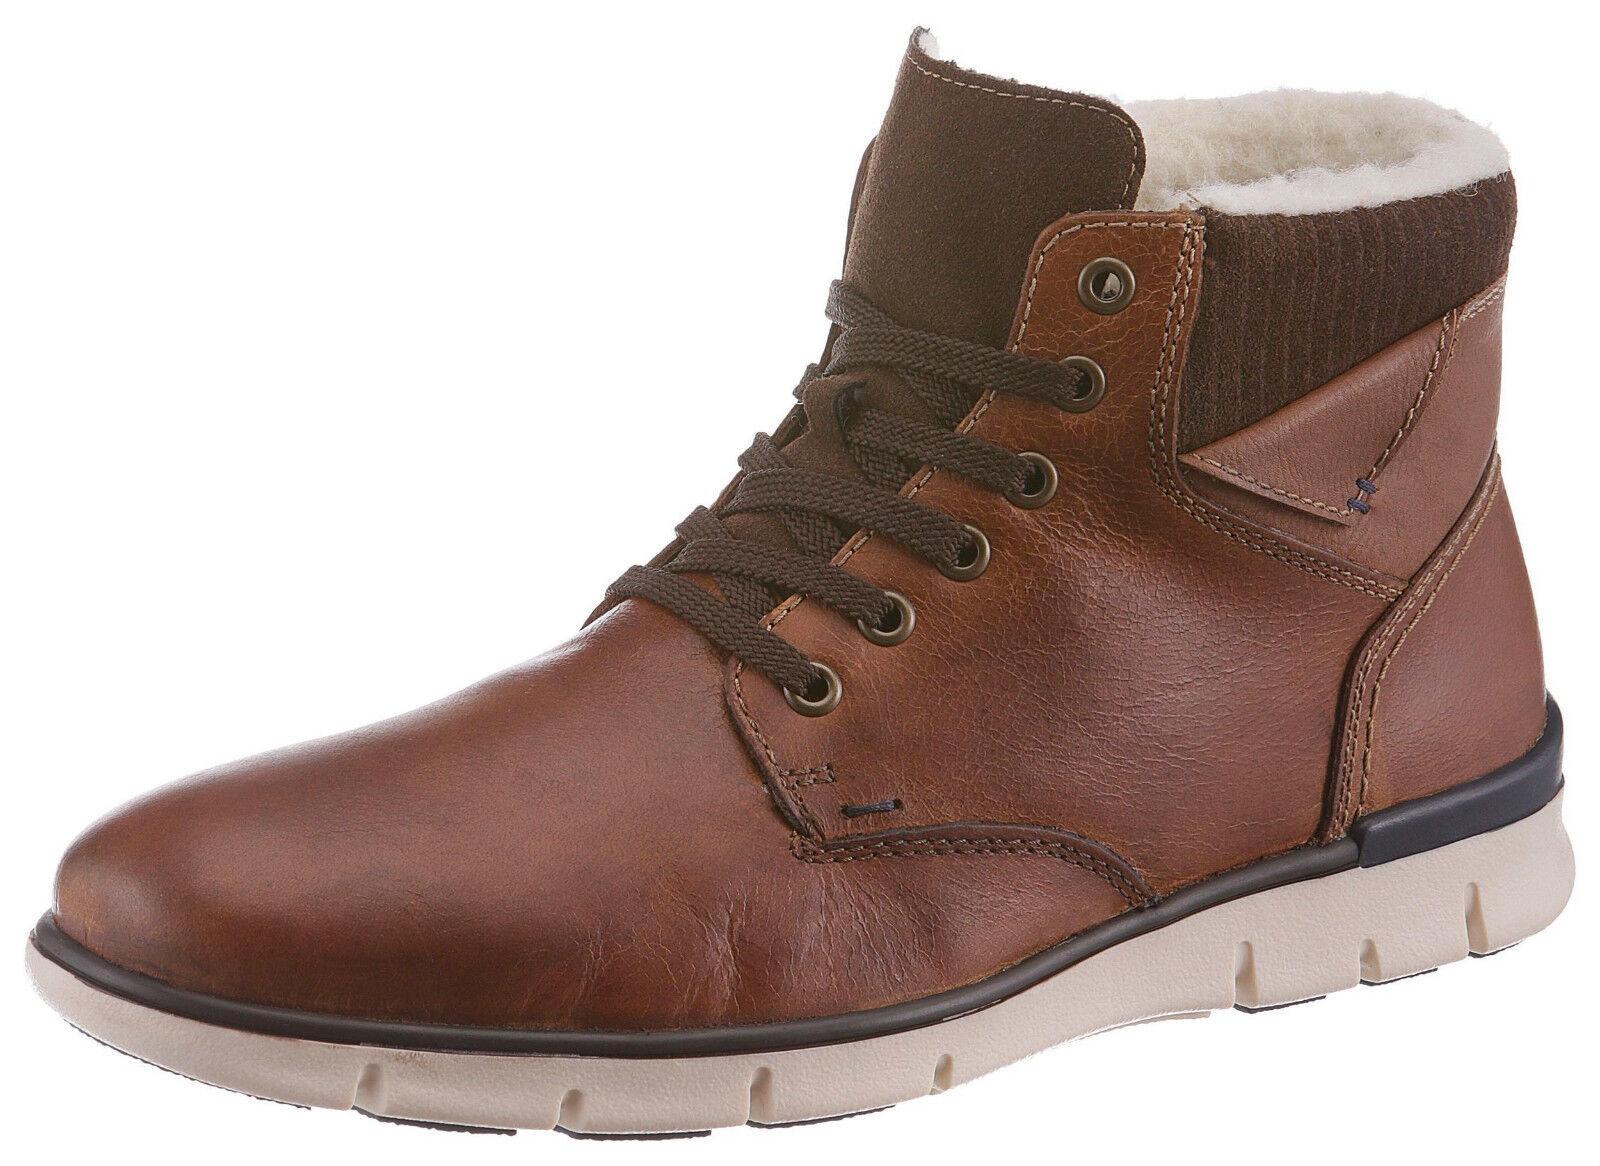 Rieker cuero señores zapato marrón botas de invierno con lana virgen ata